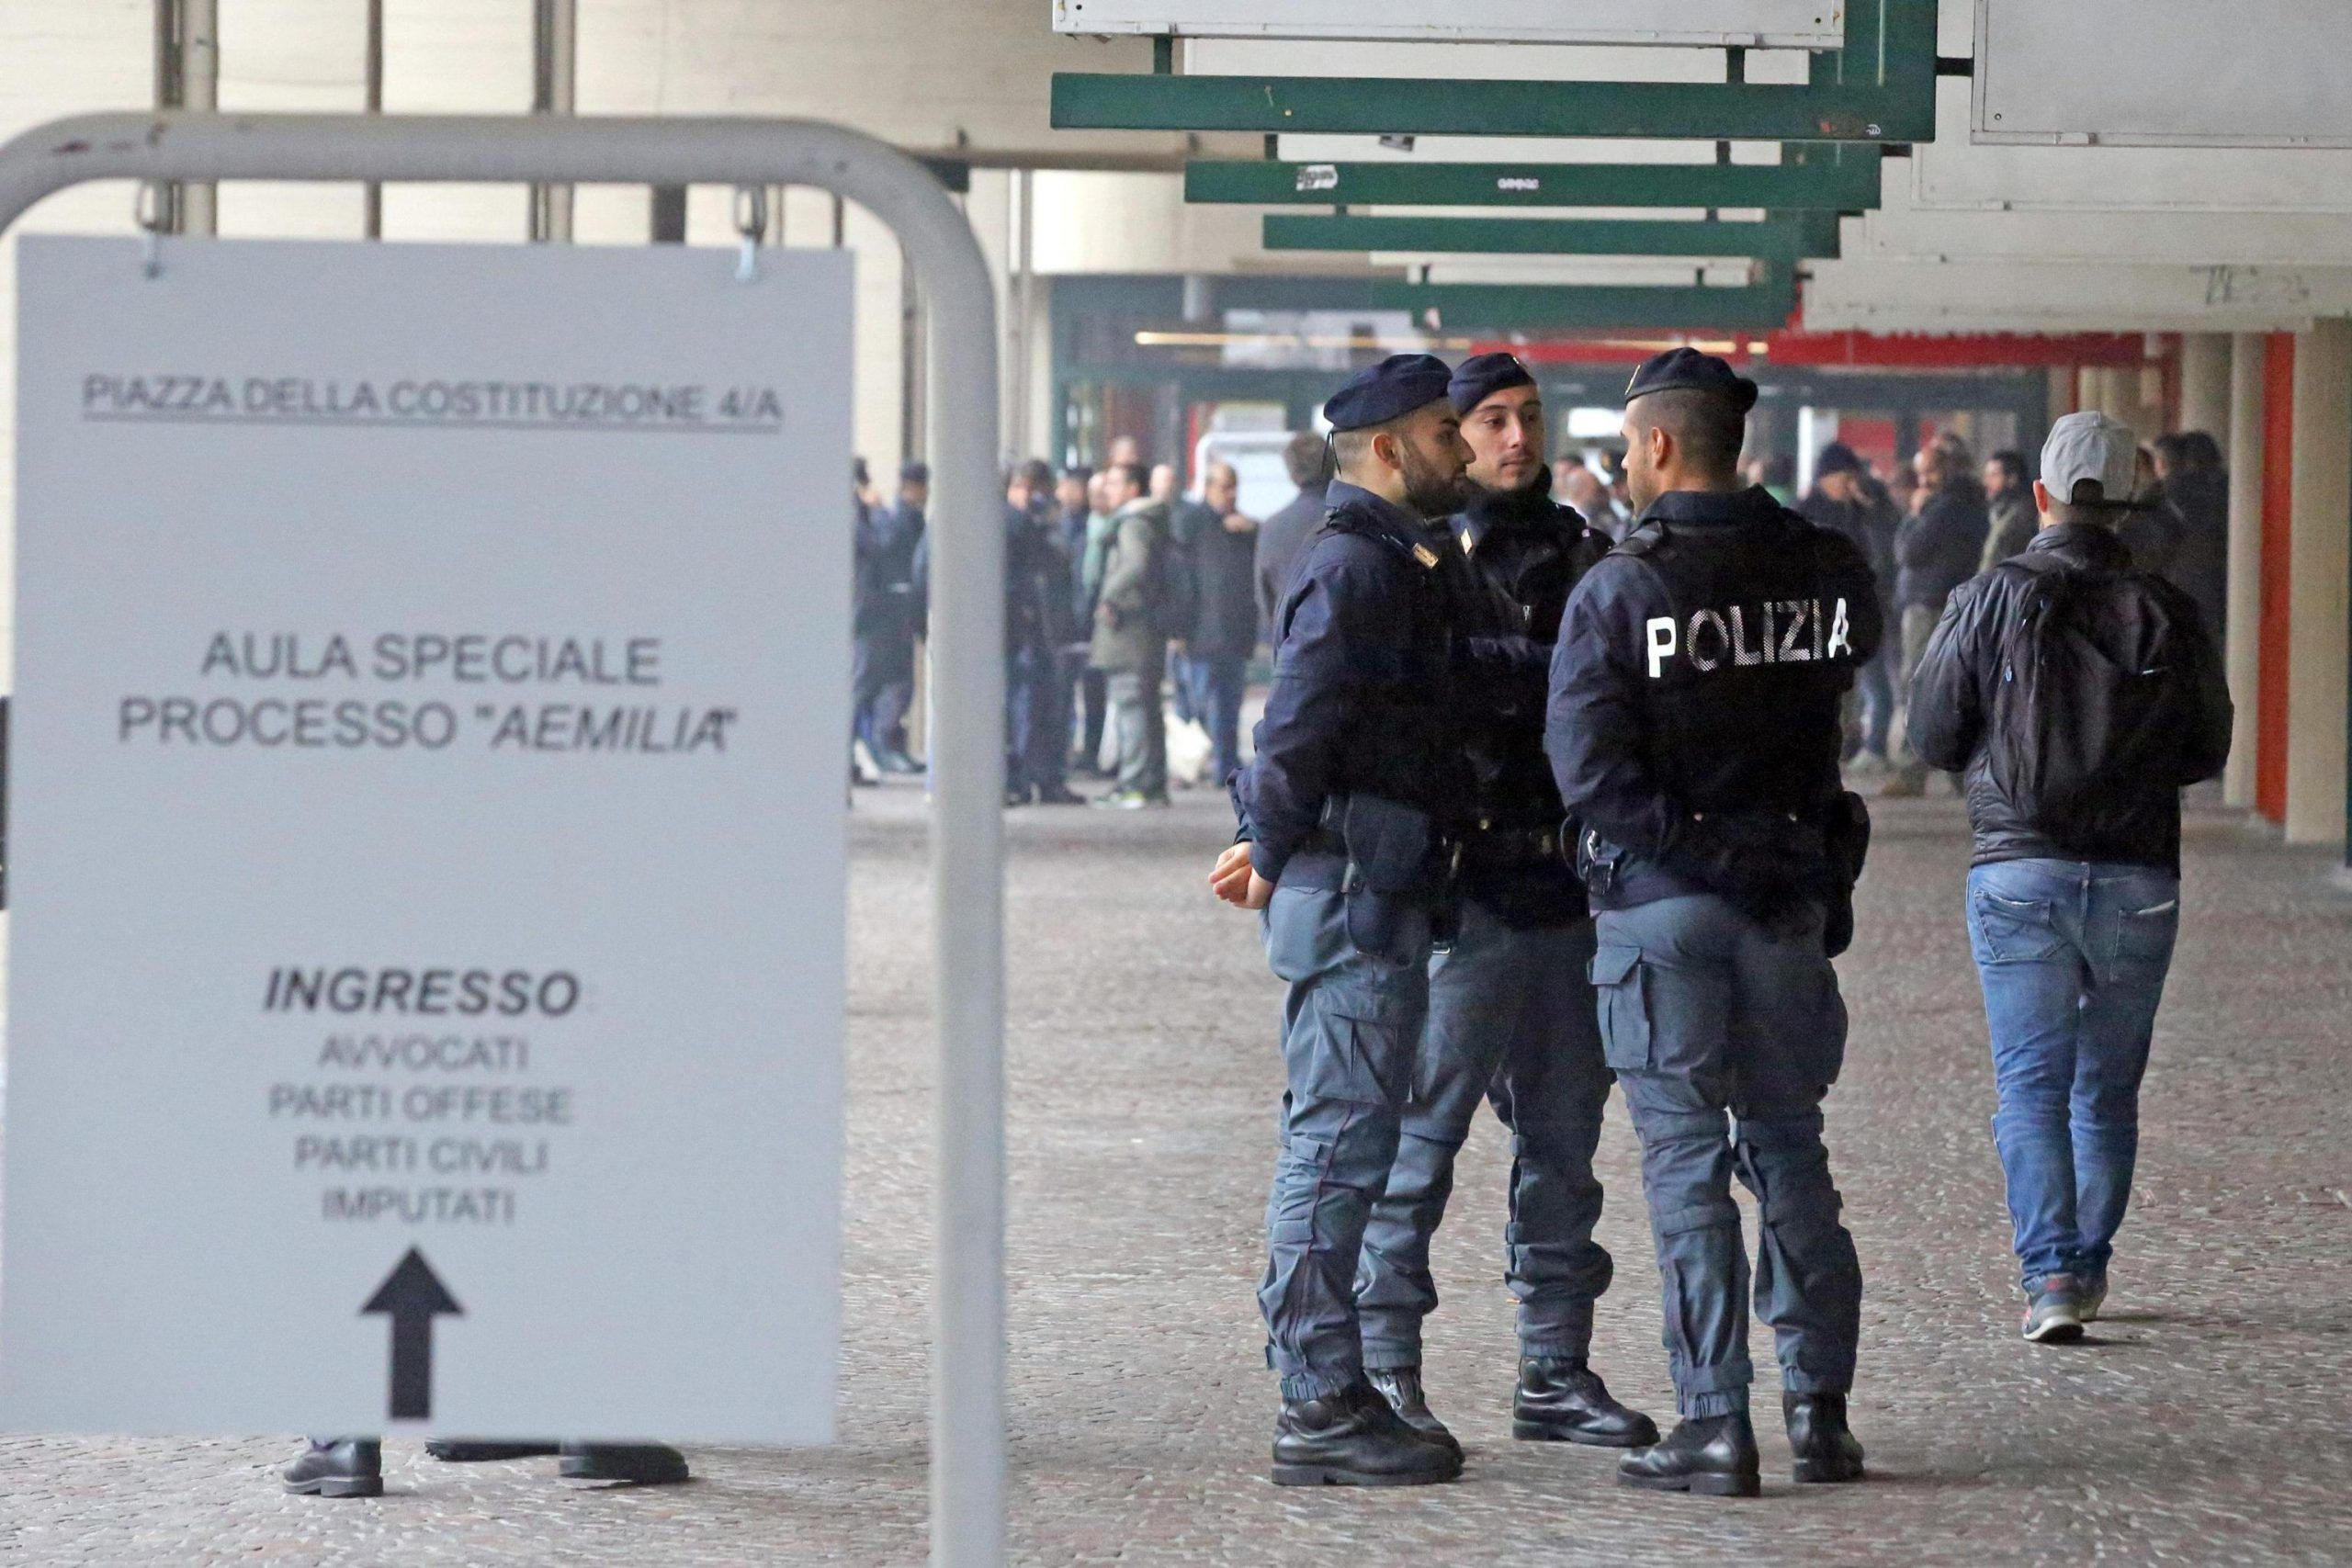 Condannato al processo Aemilia prende ostaggi alle Poste: liberata una donna